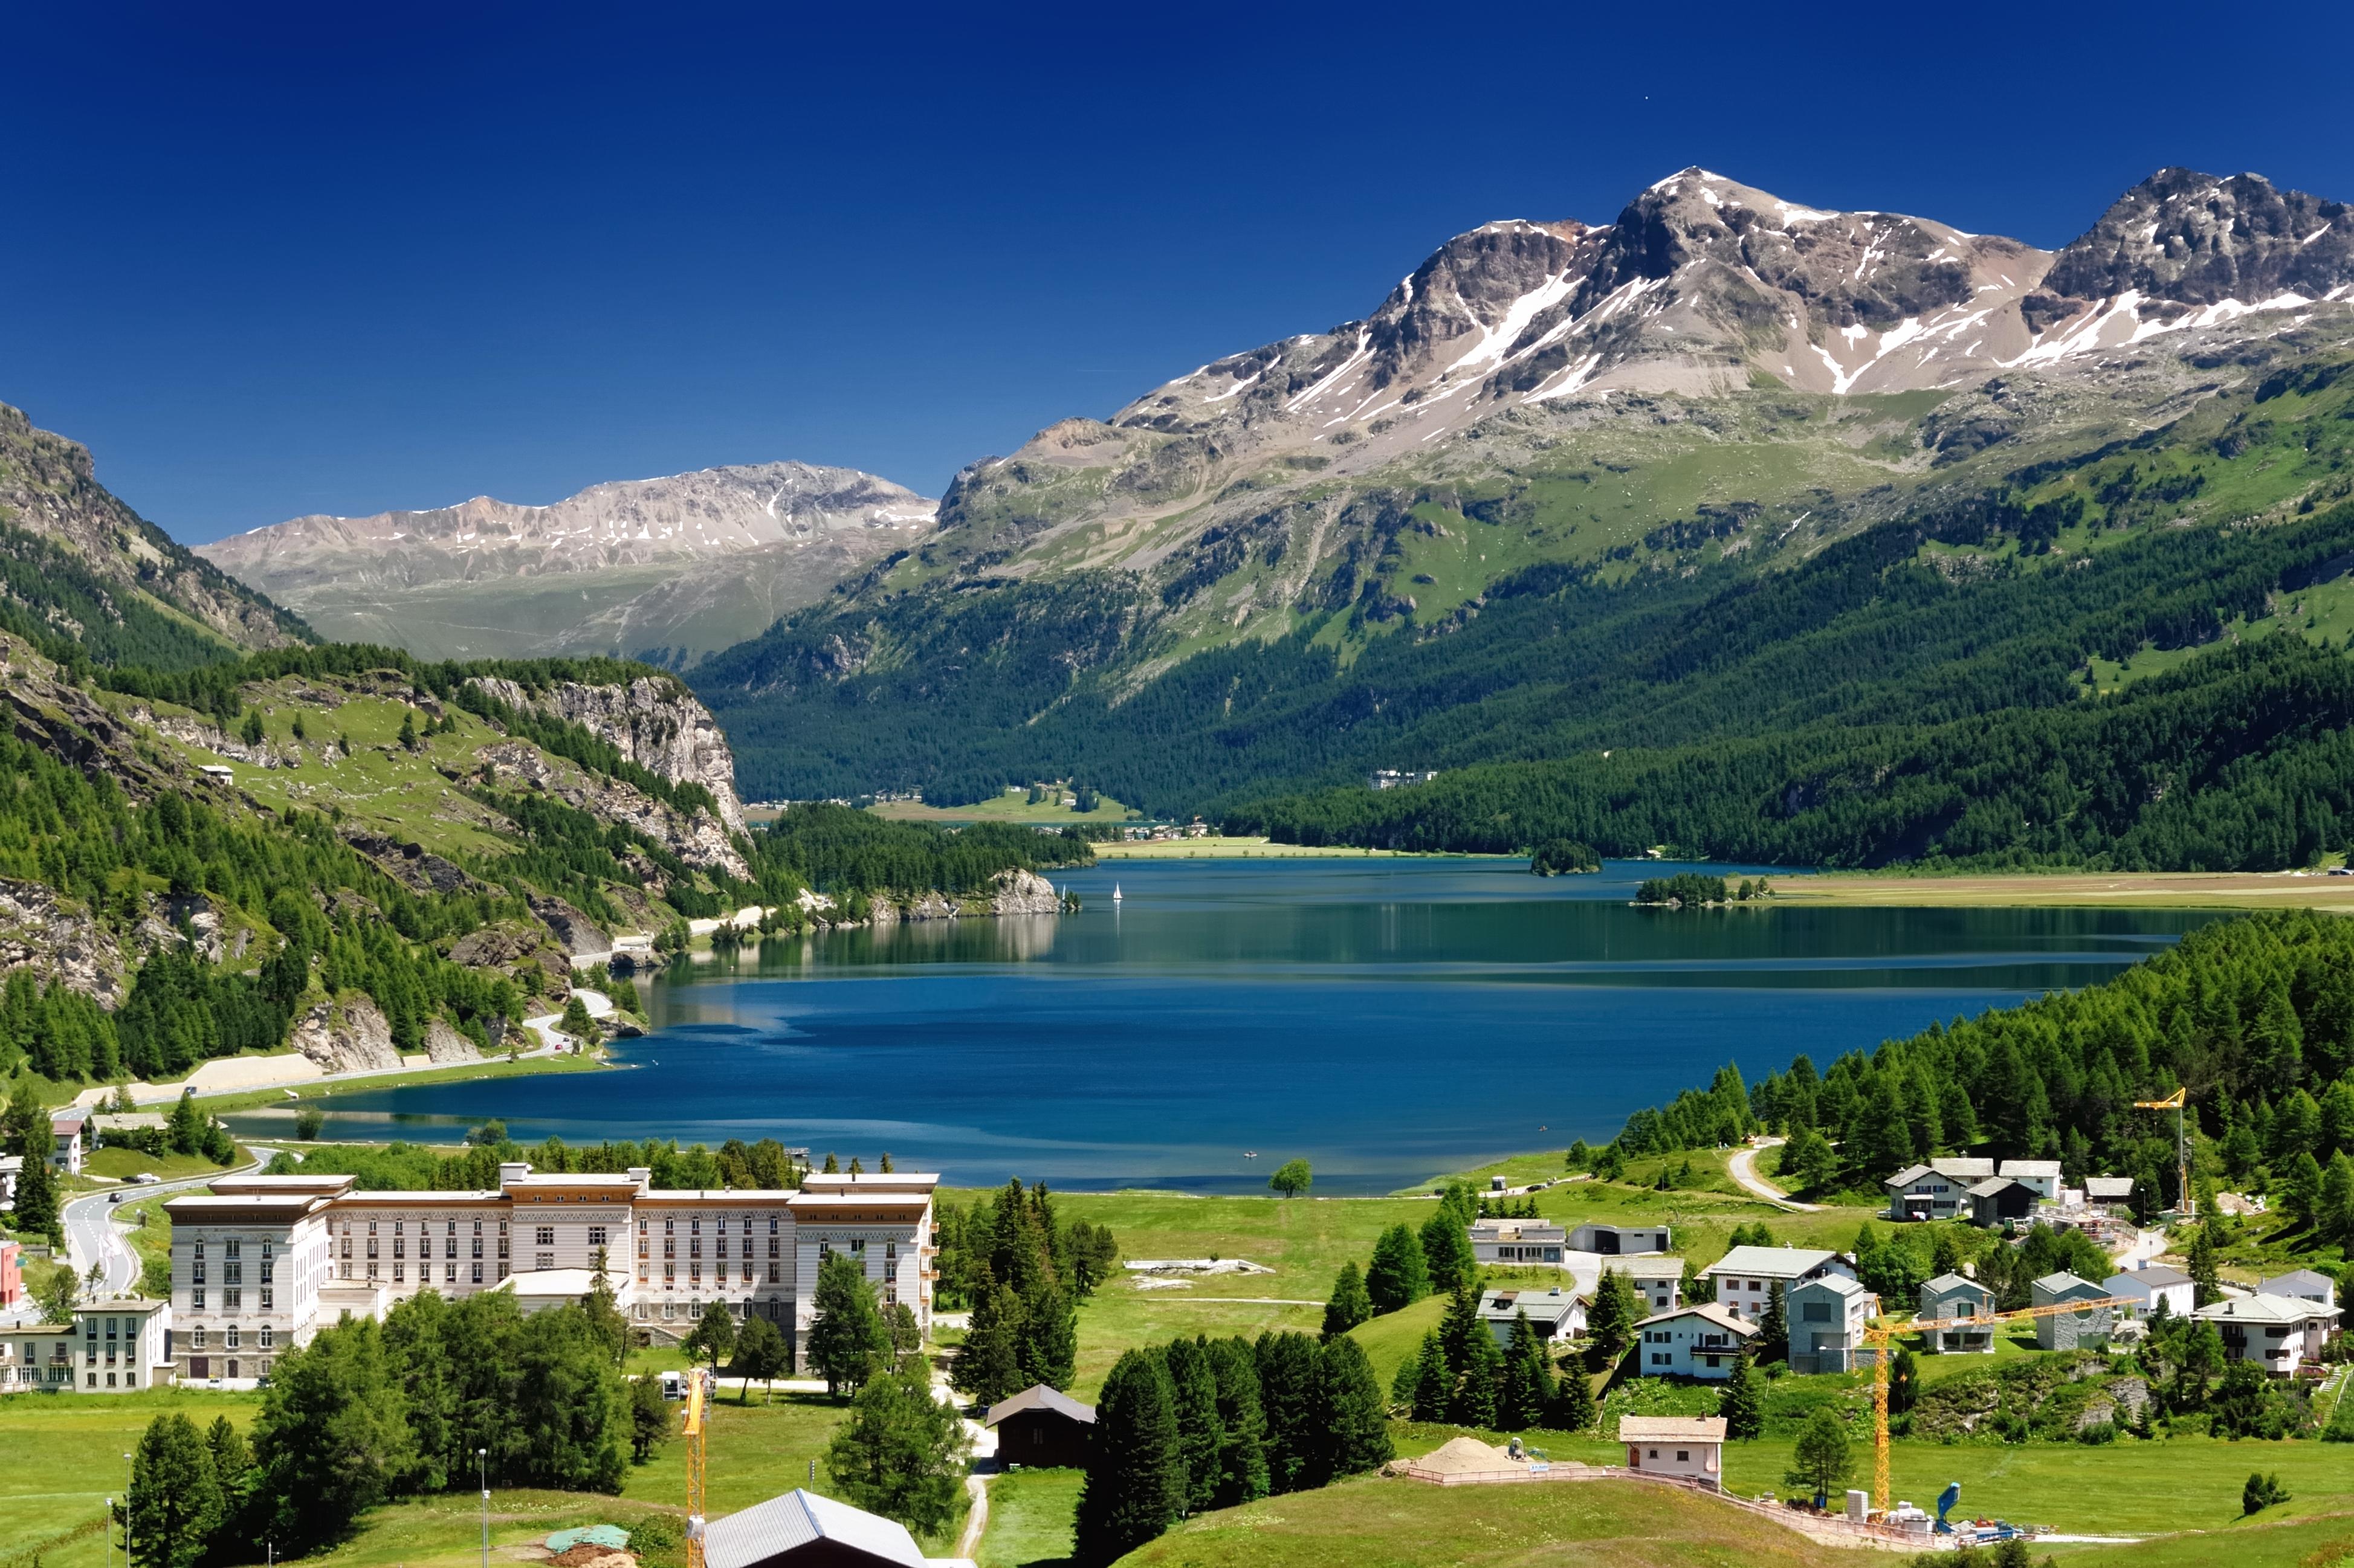 File:Maloja - Lake Sils.jpg - Wikimedia Commons